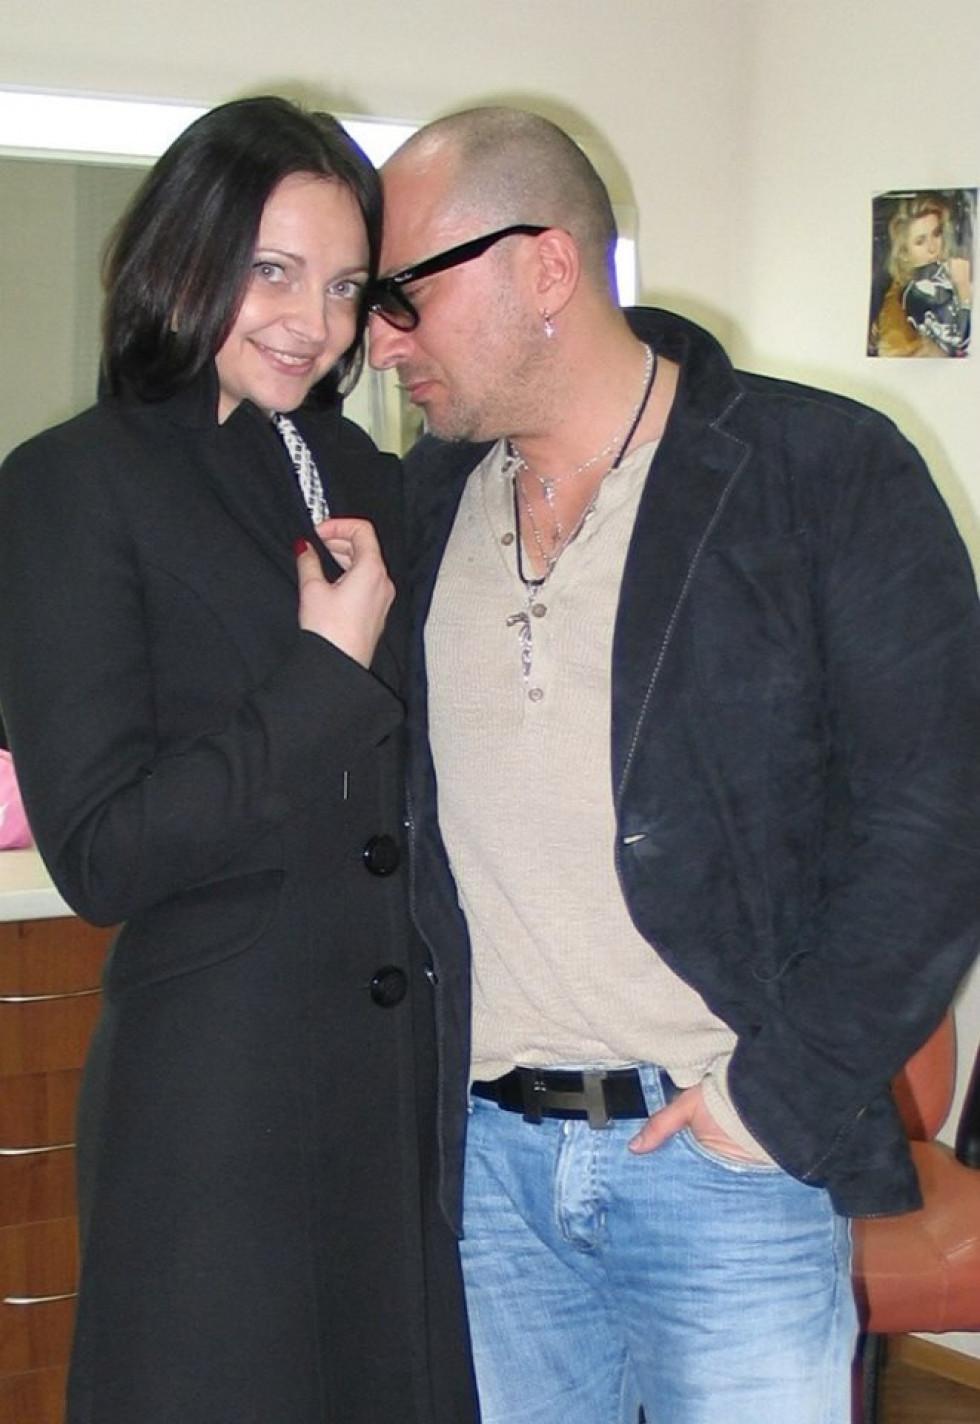 Актор Дмитро Нагієв високо оцінив... ноги Марини і запропонував пройти в номер потеревенити. Красуня відмовилась, але таки приємно було!